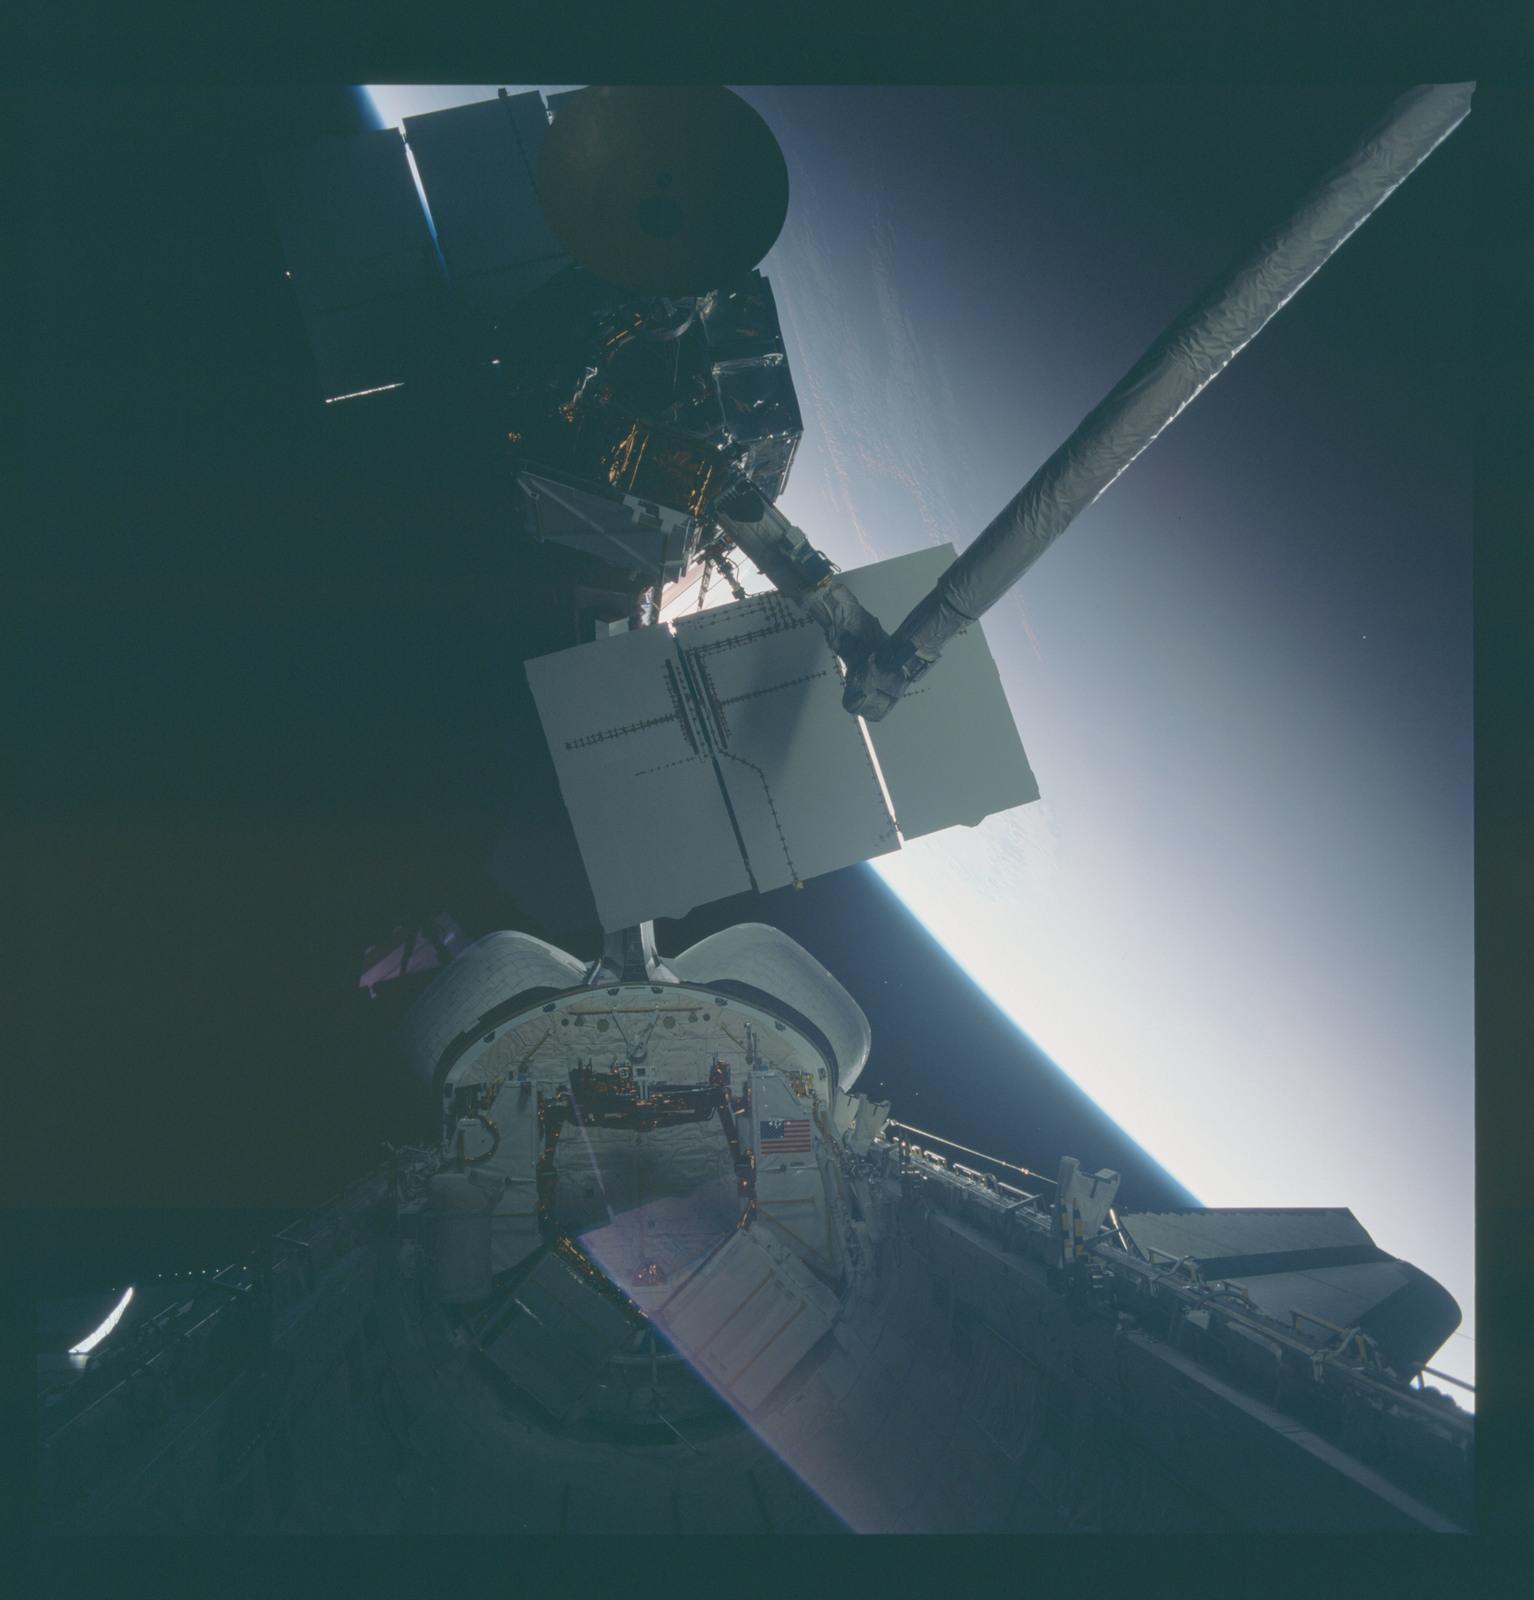 41C-37-1728 - STS-41C - Capture of Solar Maximum satellite by RMS